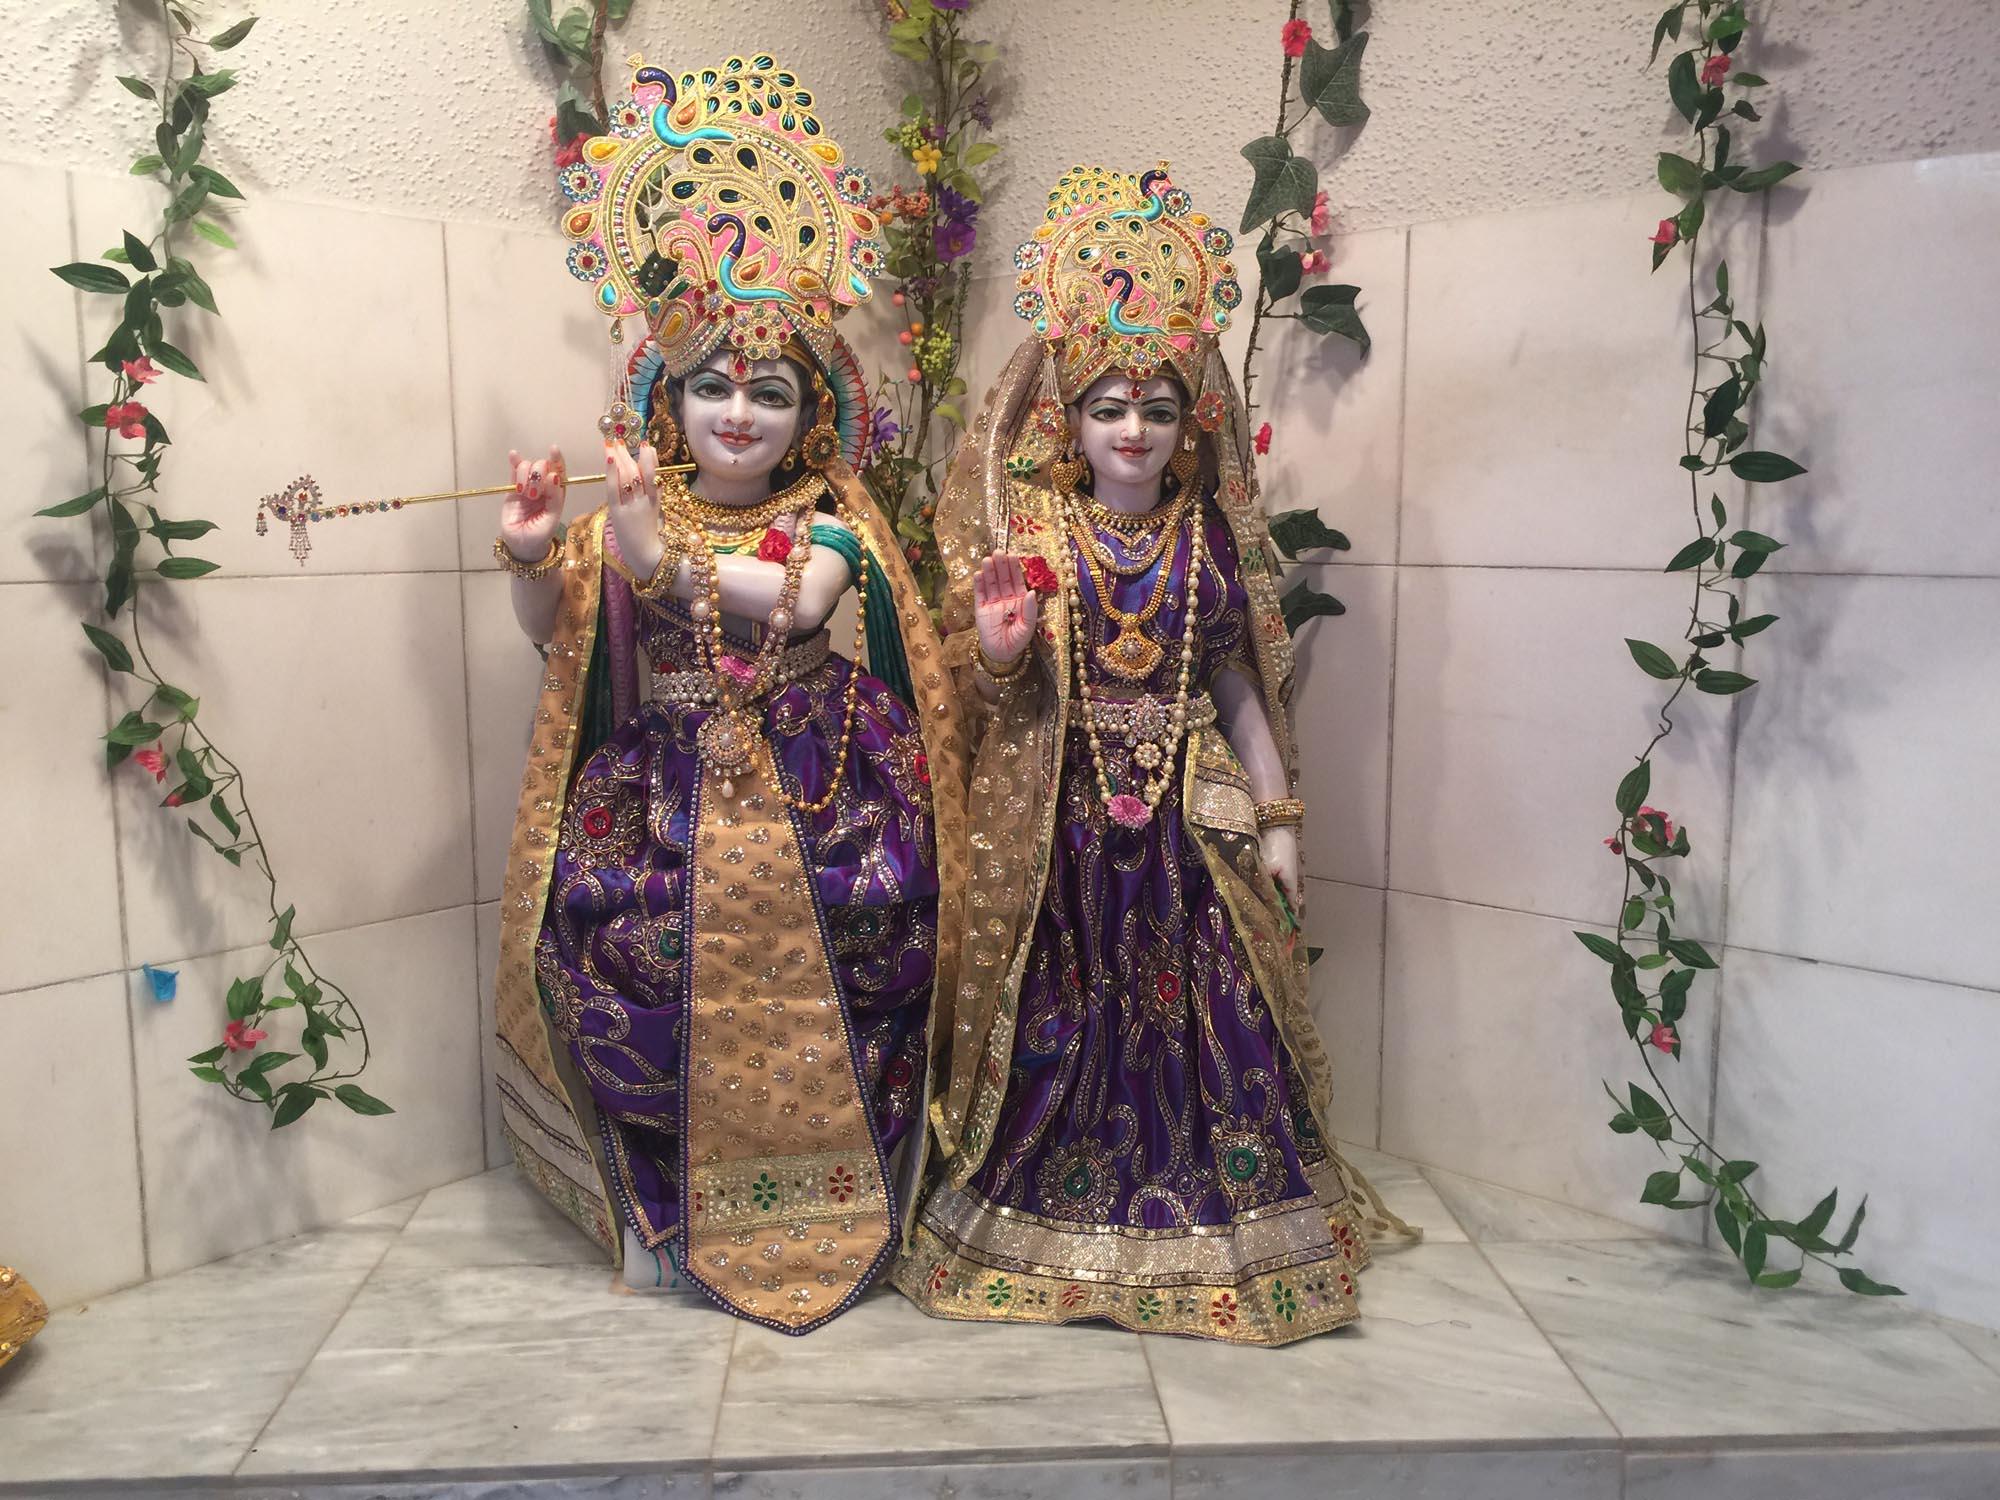 Radhe Shyam image